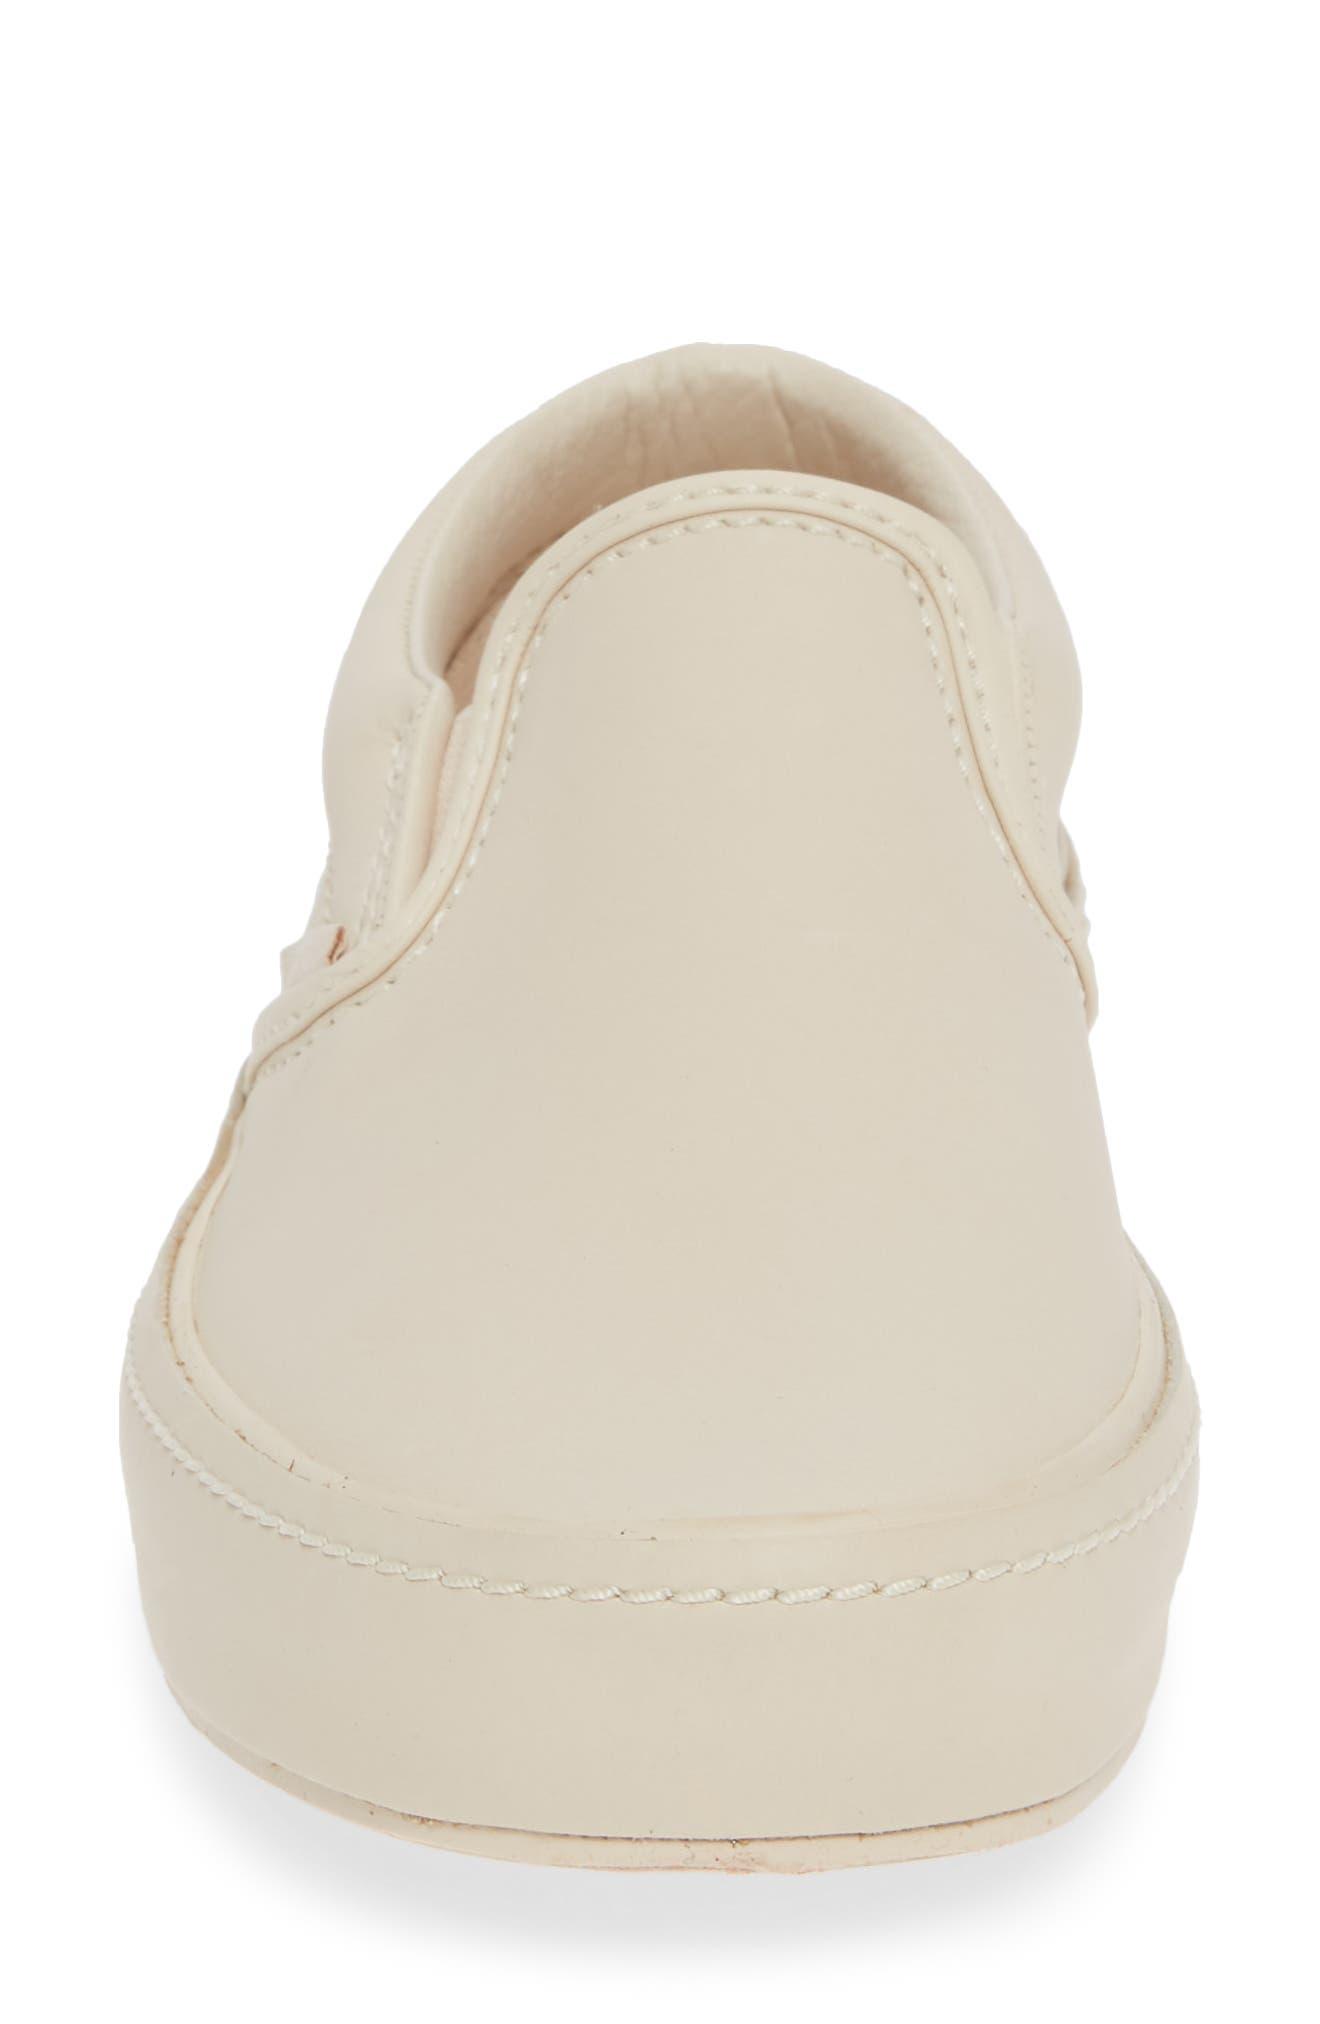 VANS,                             Classic Leather Slip-On Sneaker,                             Alternate thumbnail 4, color,                             270